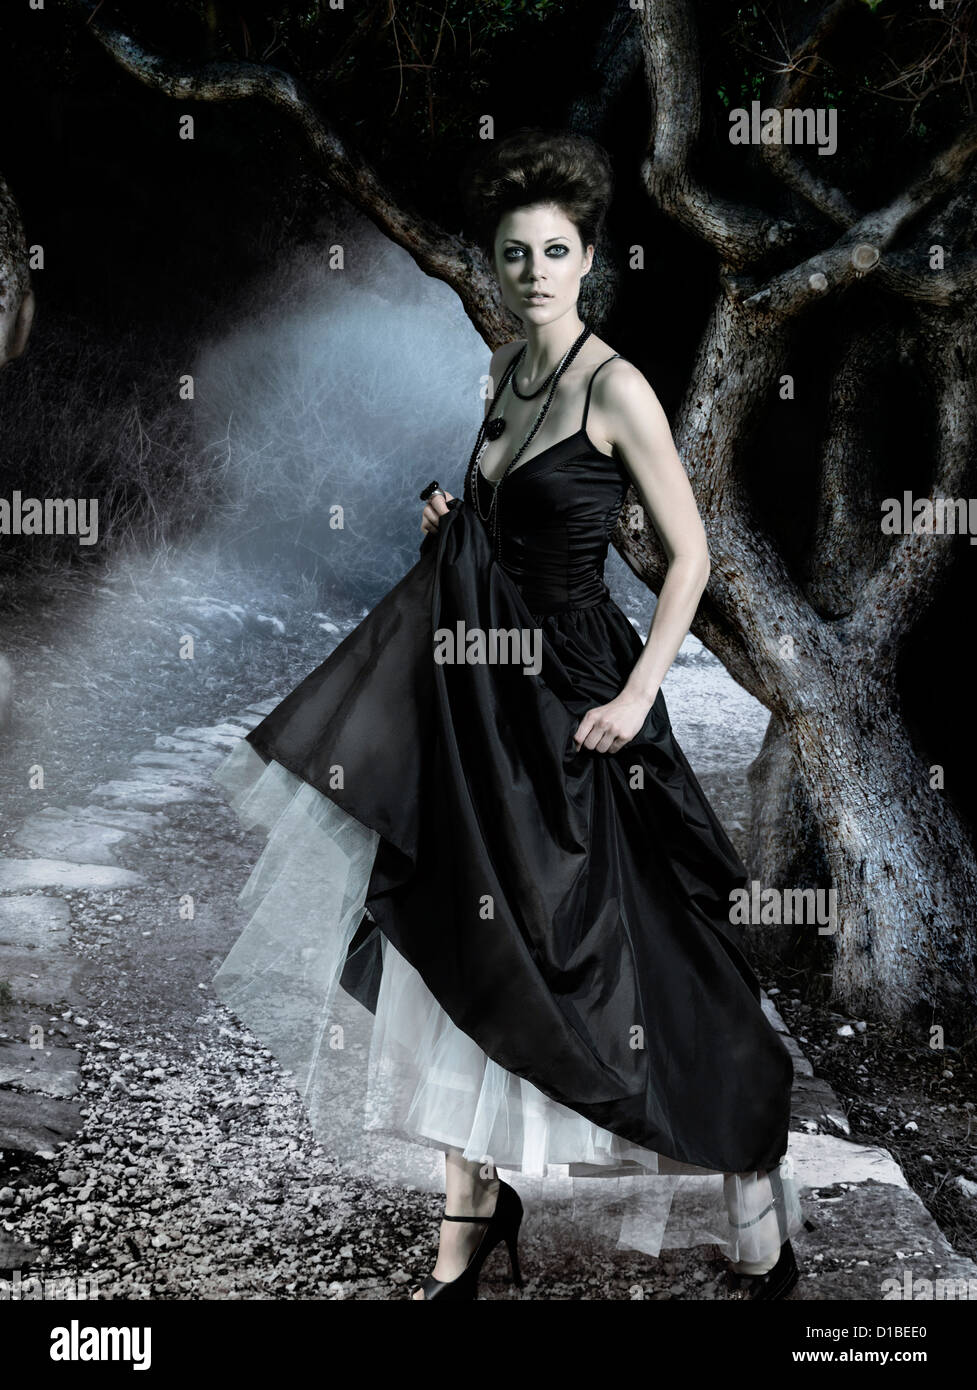 Belle jeune femme portant une robe noire classique dans une sombre forêt mystérieuse. Composé numériquement Photo Stock